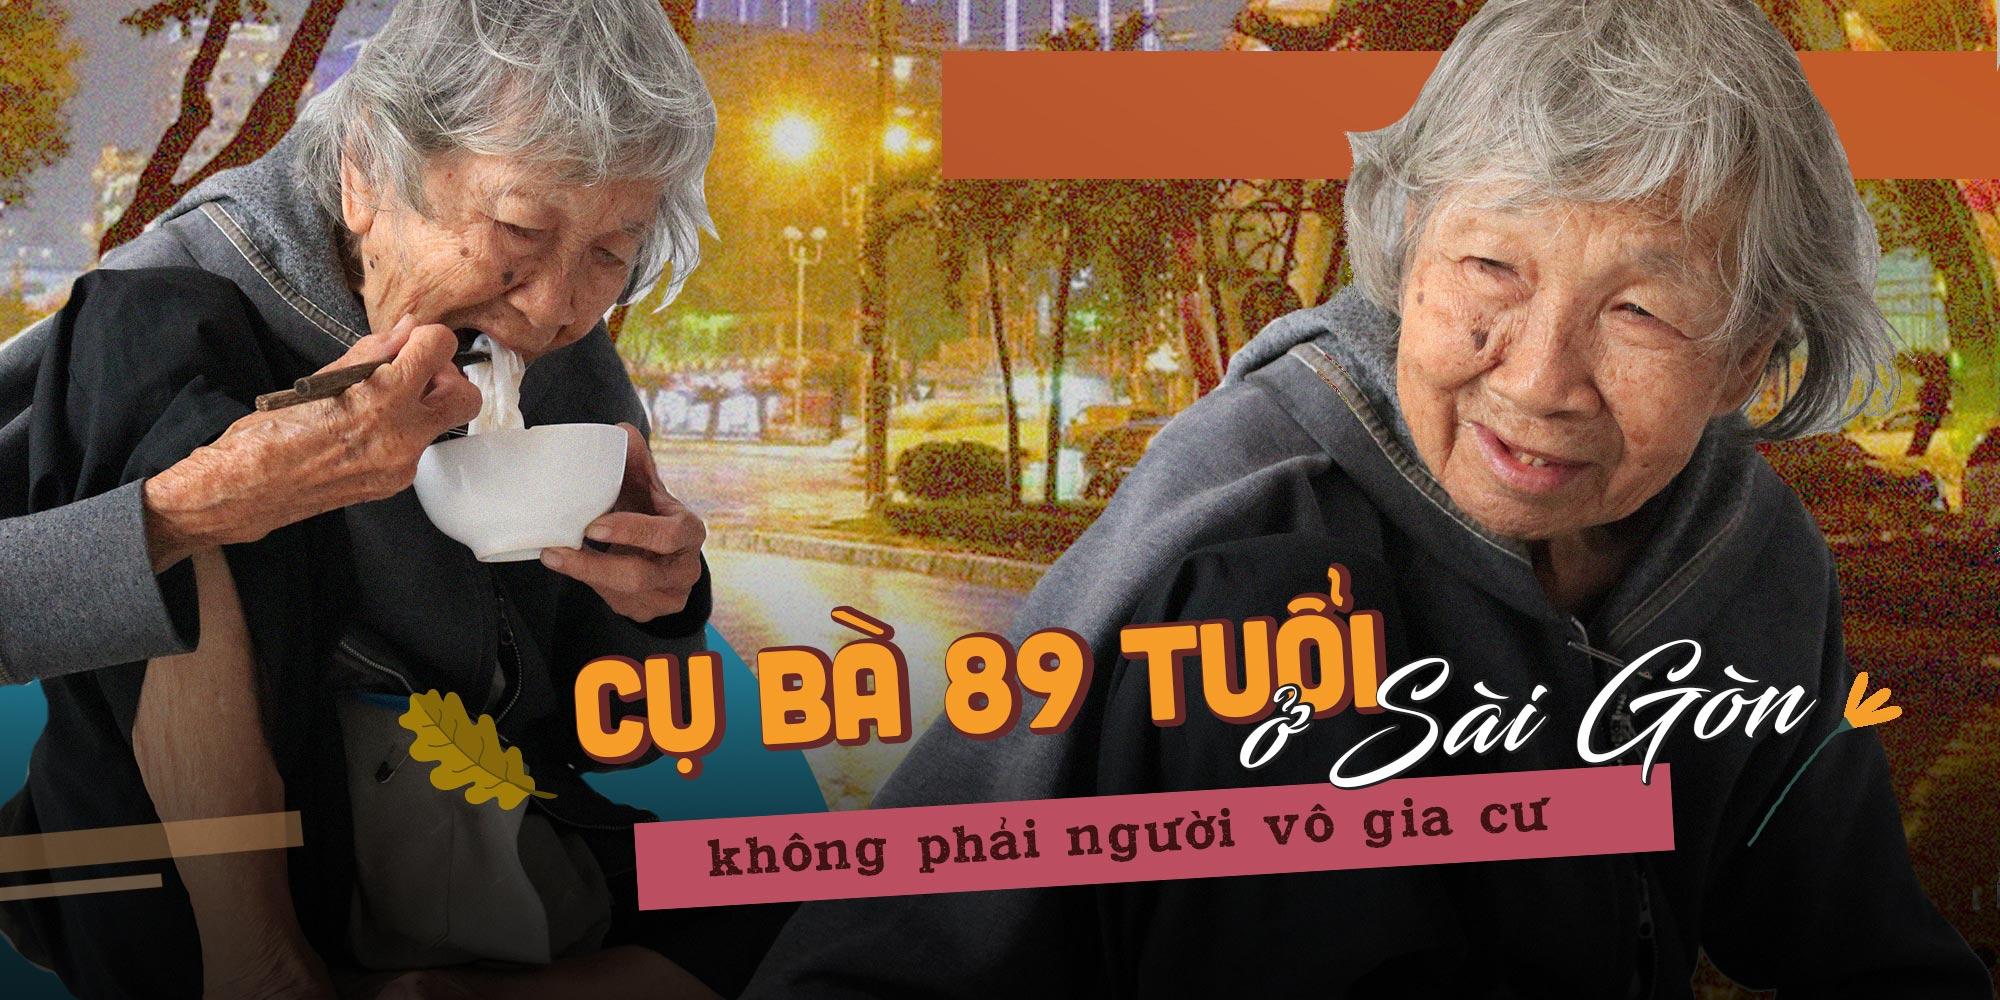 Sự thật chuyện cụ bà 89 tuổi bị con cháu bỏ rơi phải vào Sài Gòn xin cơm từ thiện cầm cự từng bữa